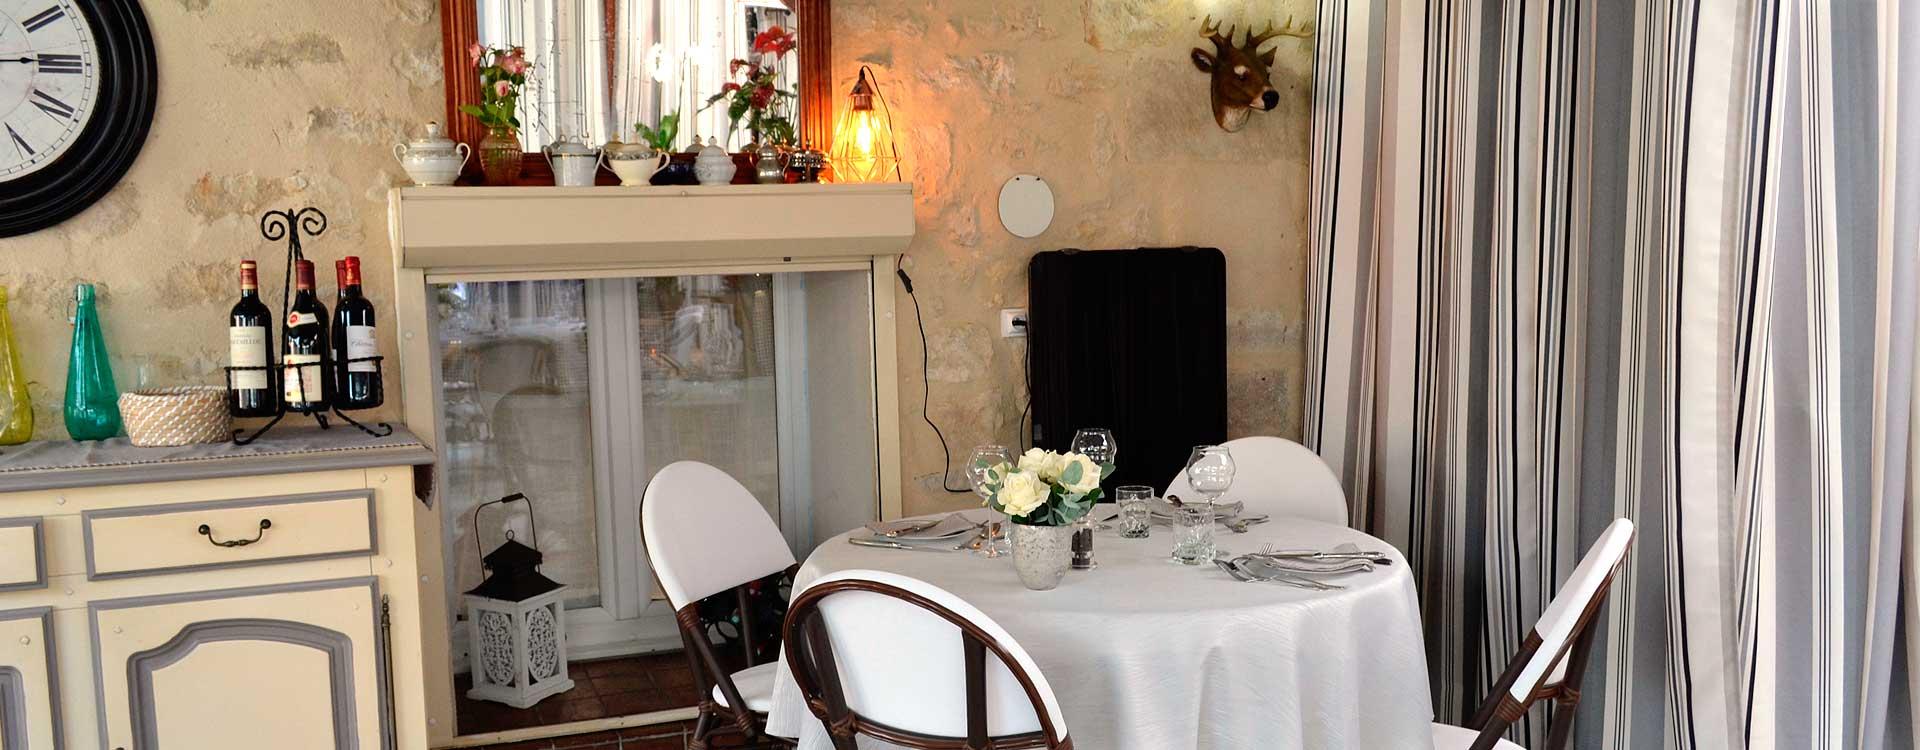 restaurant_laGrange-6